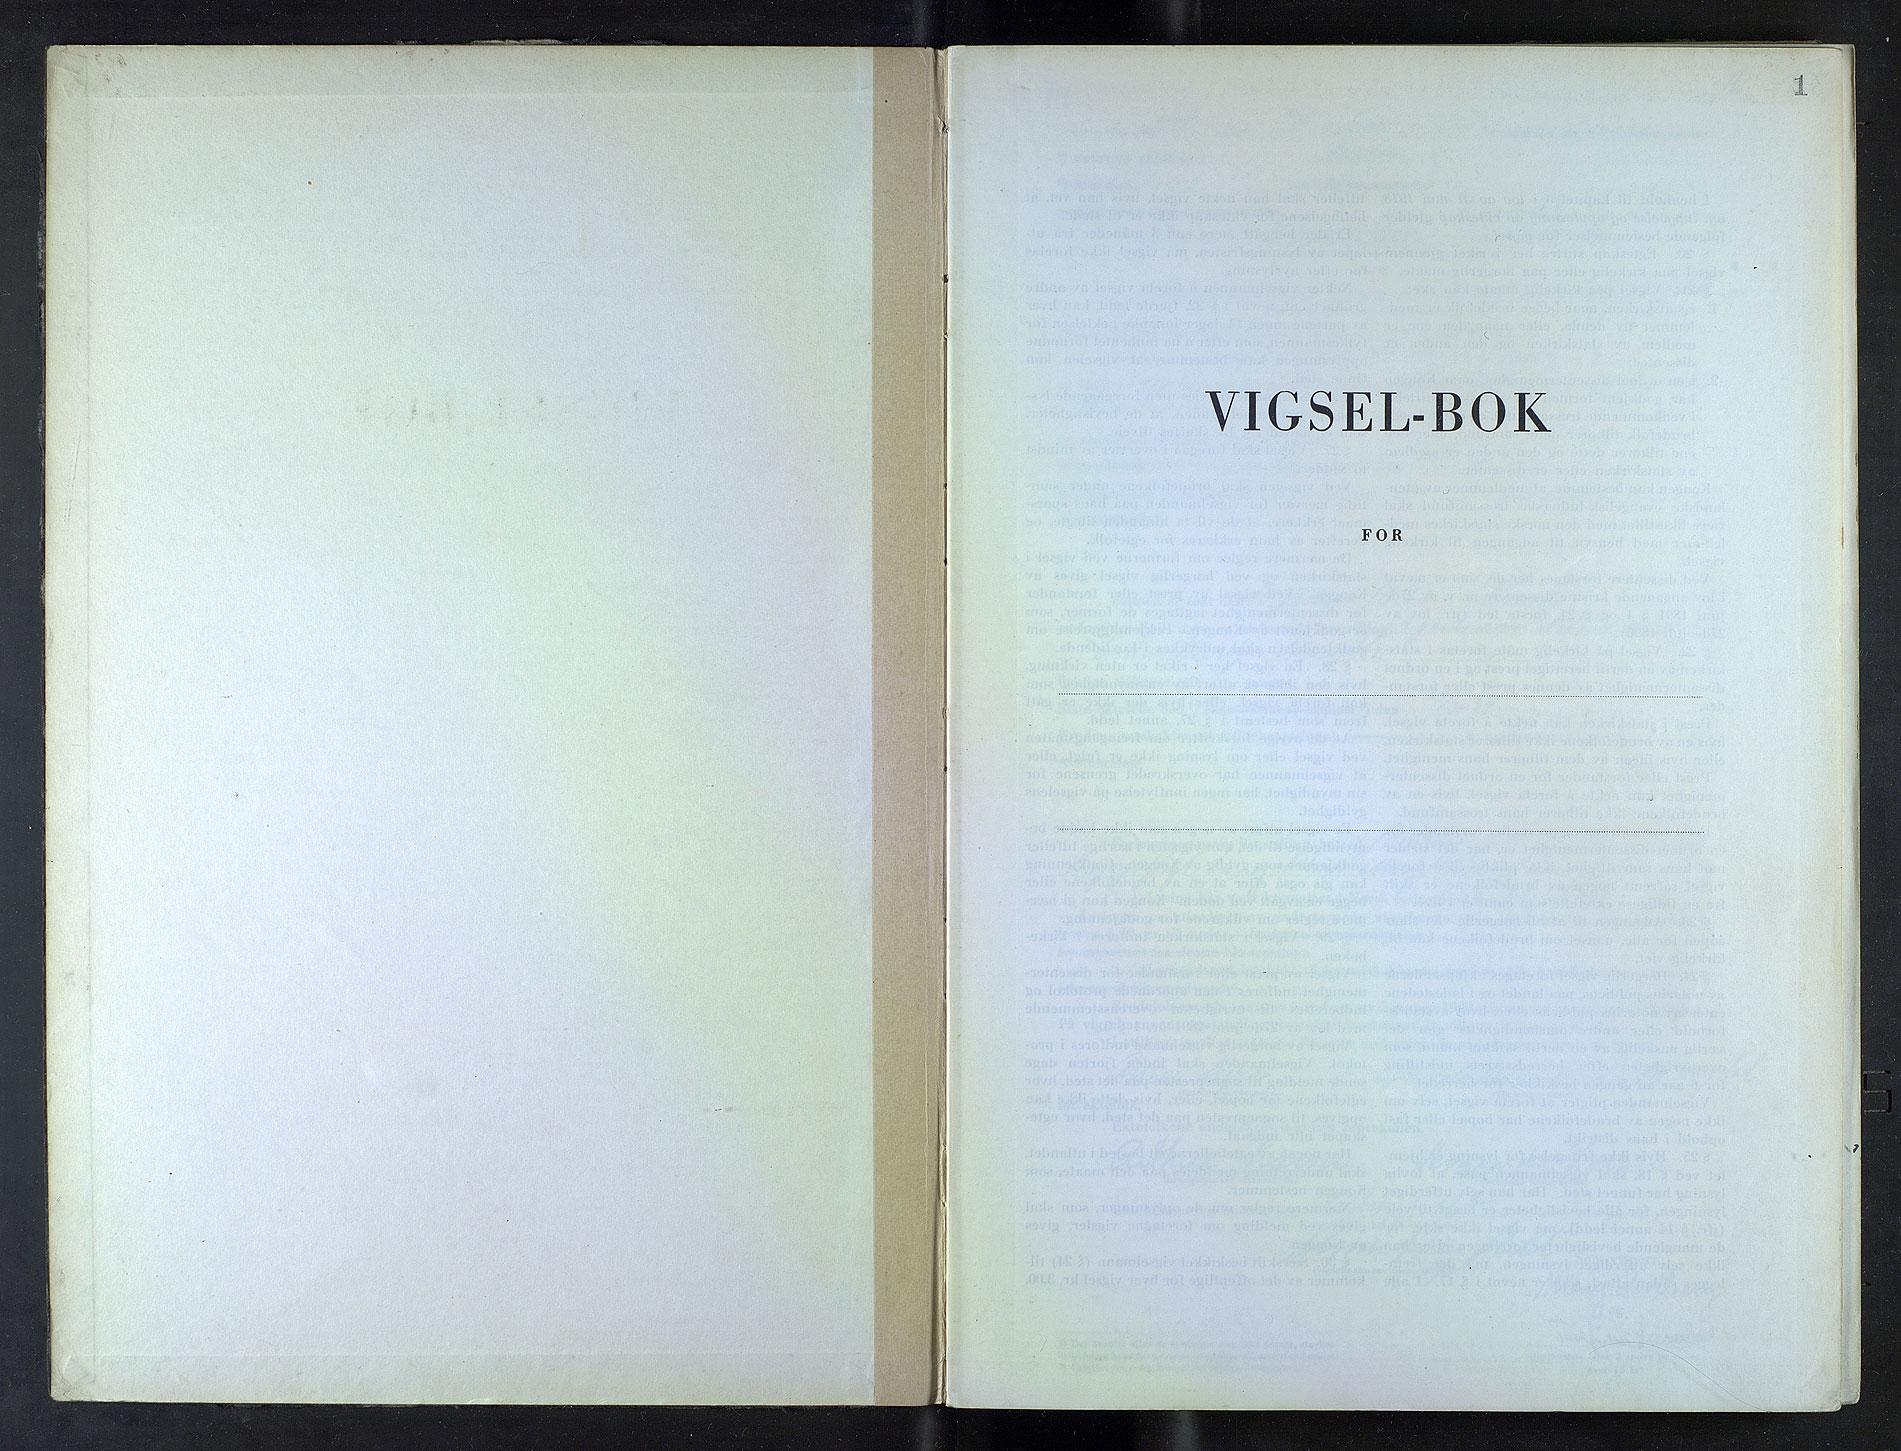 SAB, Bergen byfogd og byskriver*, 1949, s. 1